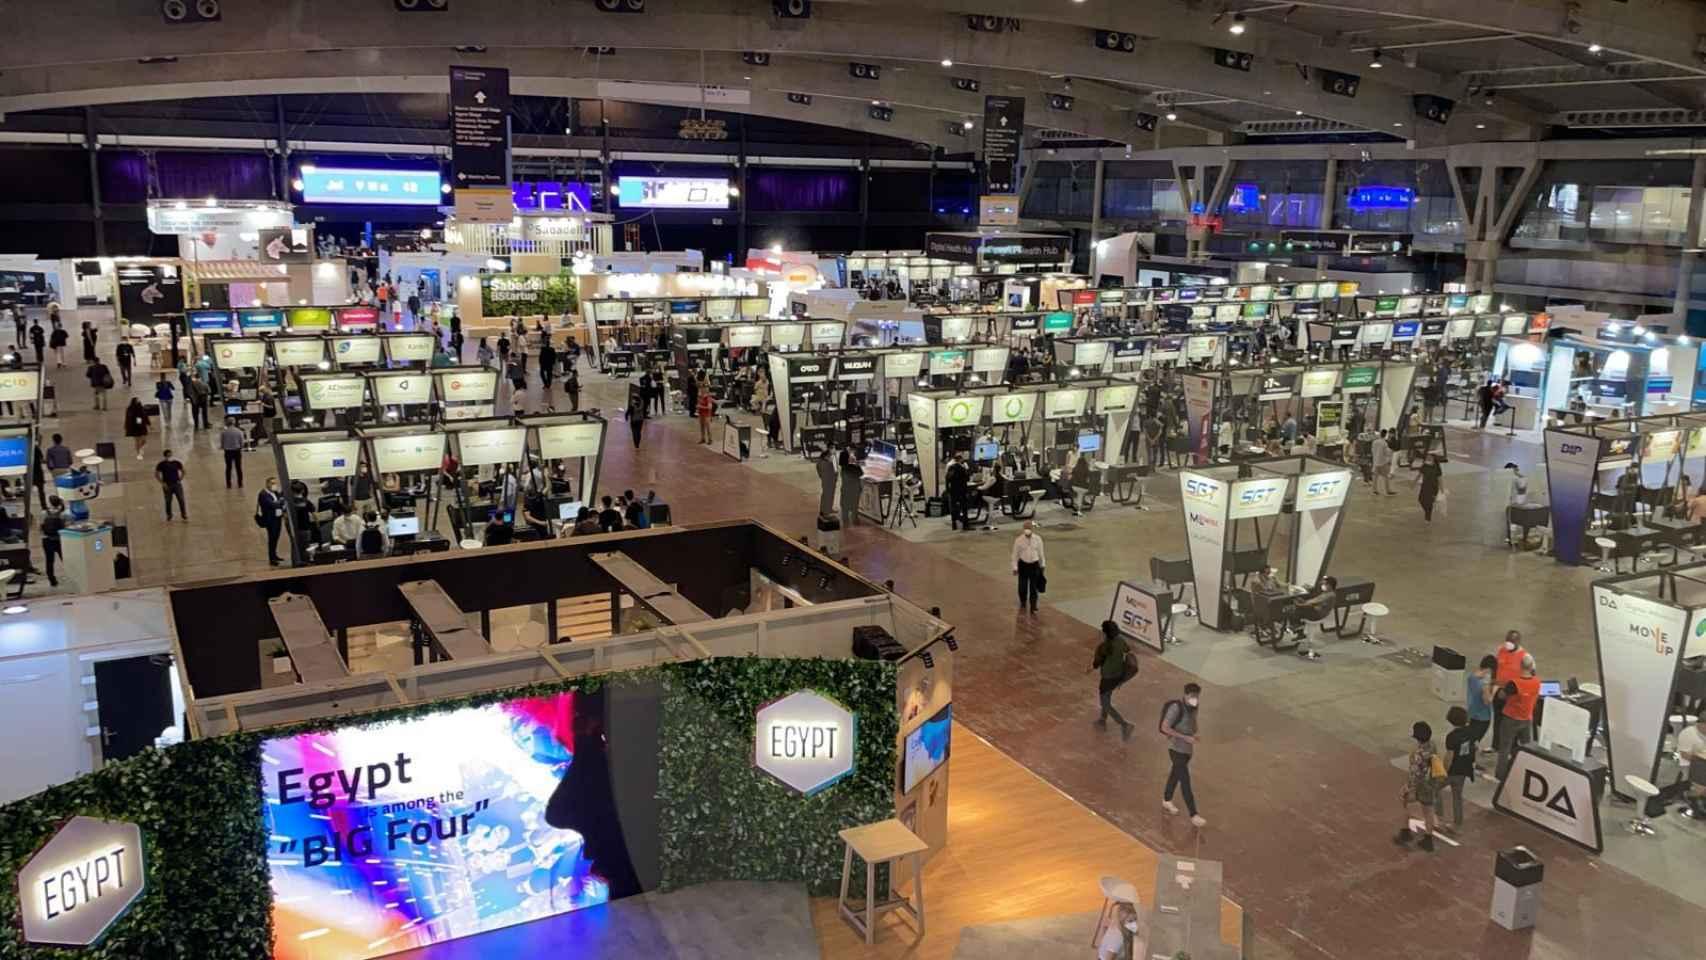 Poca asistencia de público en la primera jornada del Mobile World Congress en imágenes